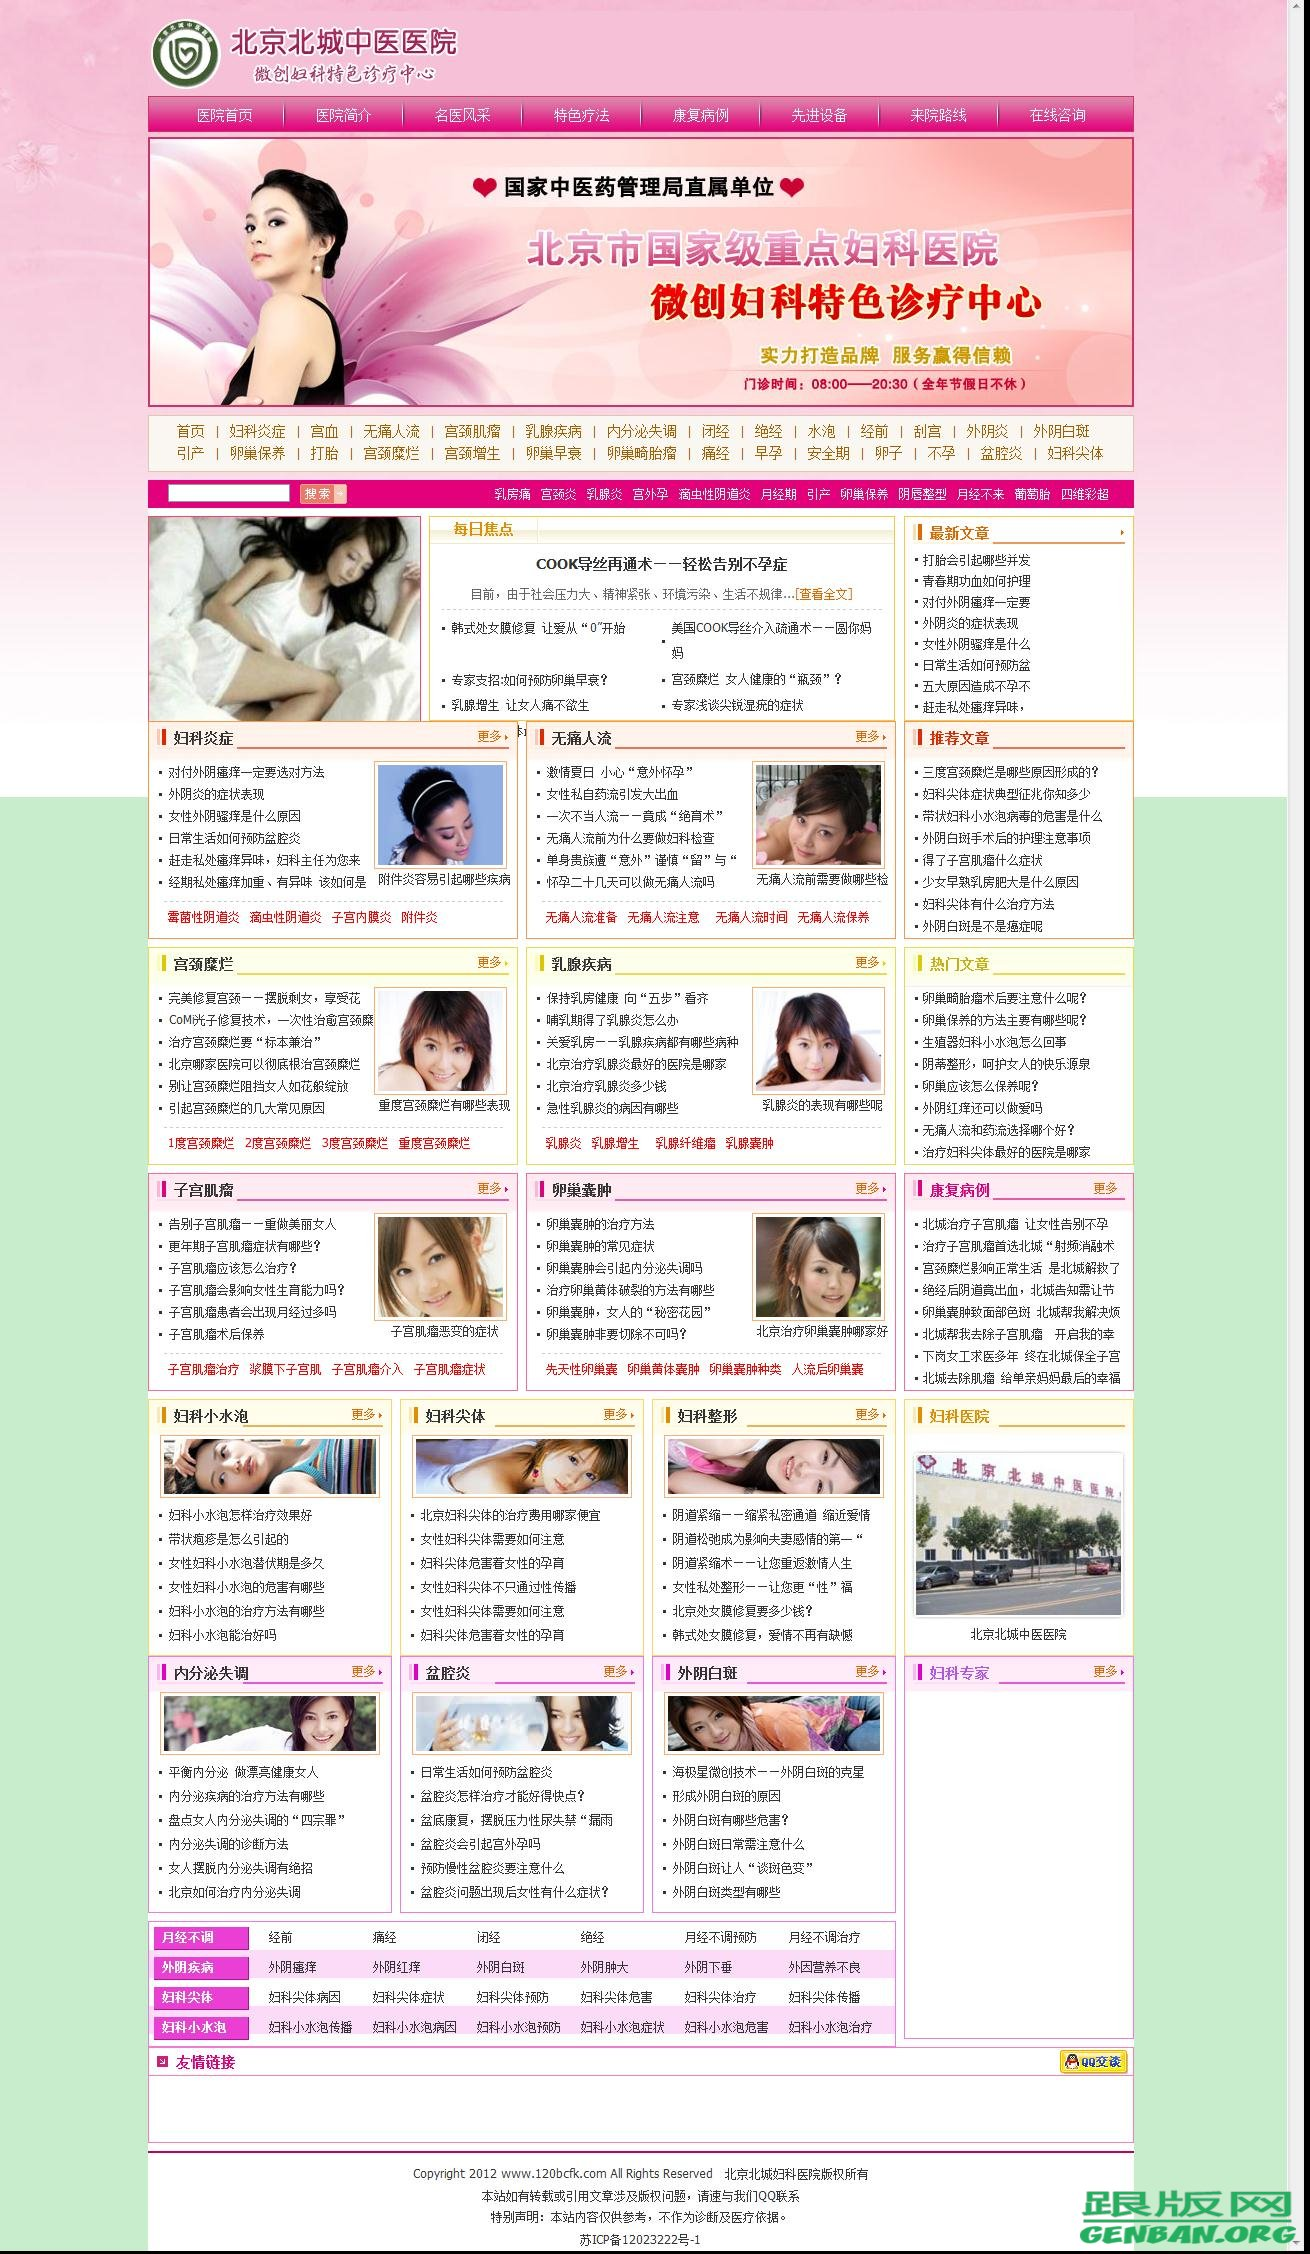 北京某中医医院妇科网站源码_dedecms妇科网站源码